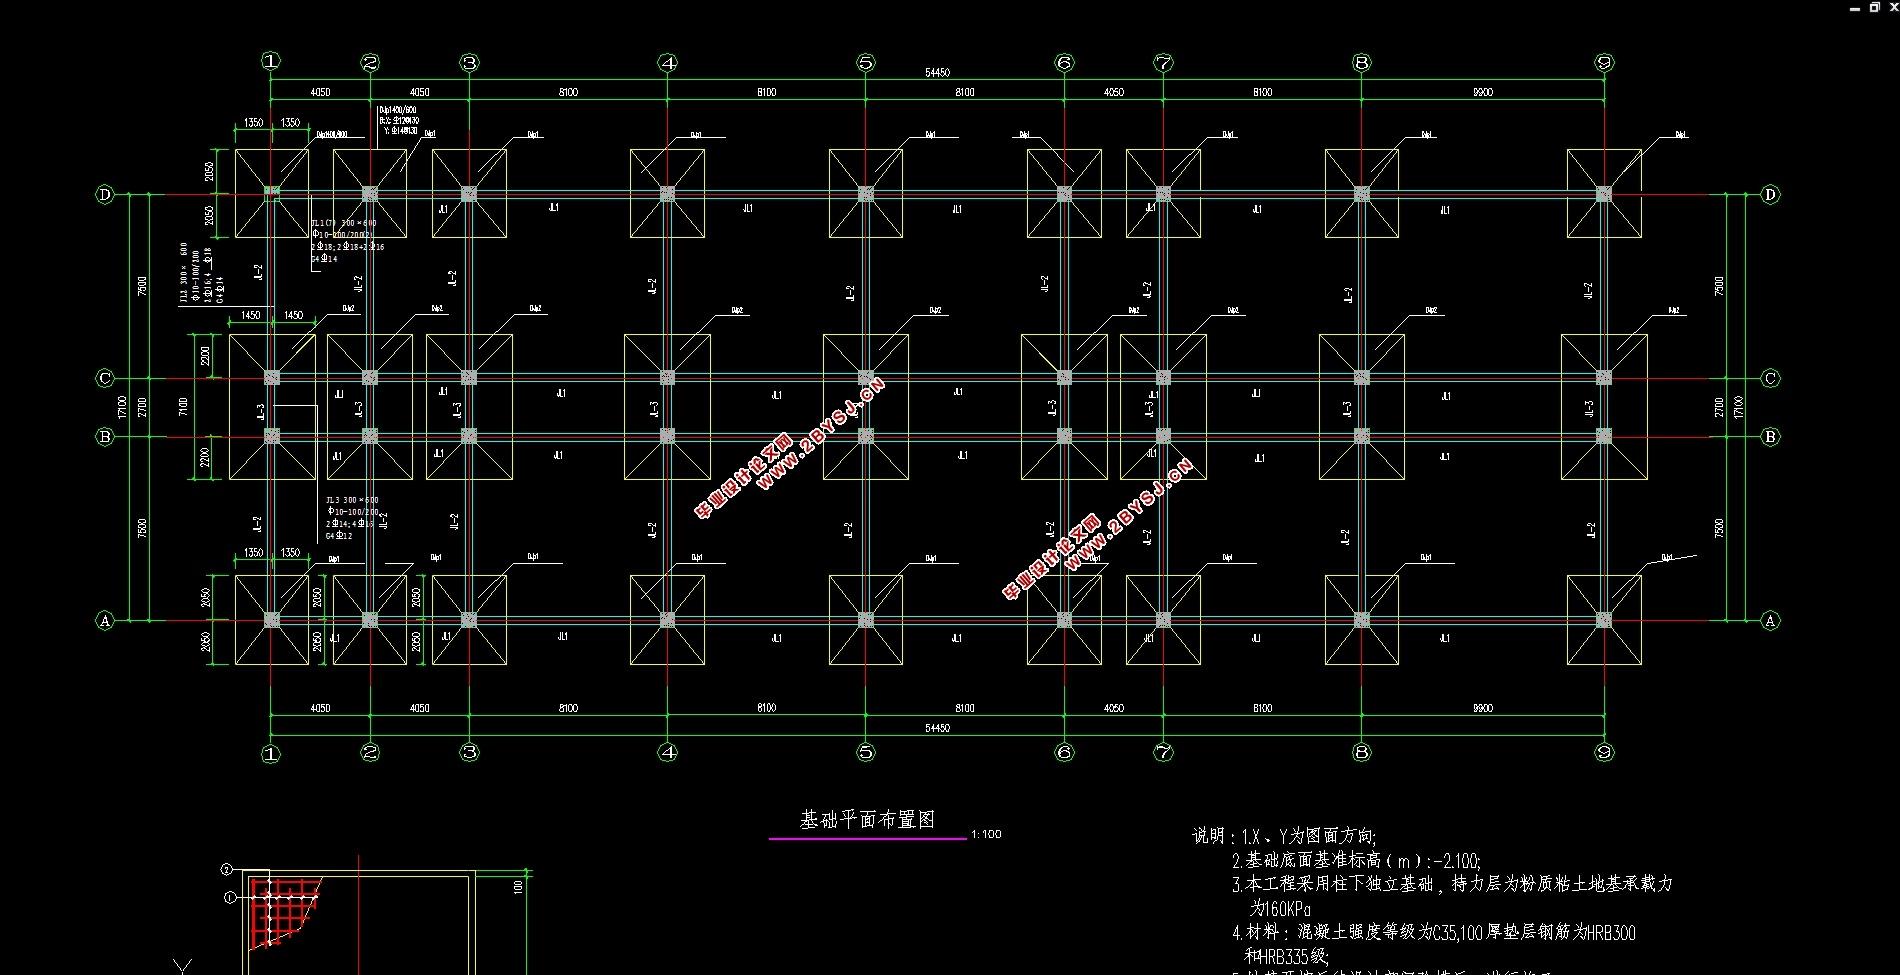 混凝土结构设计规范,建筑抗震设计规范,建筑地基基础设计规范并参考